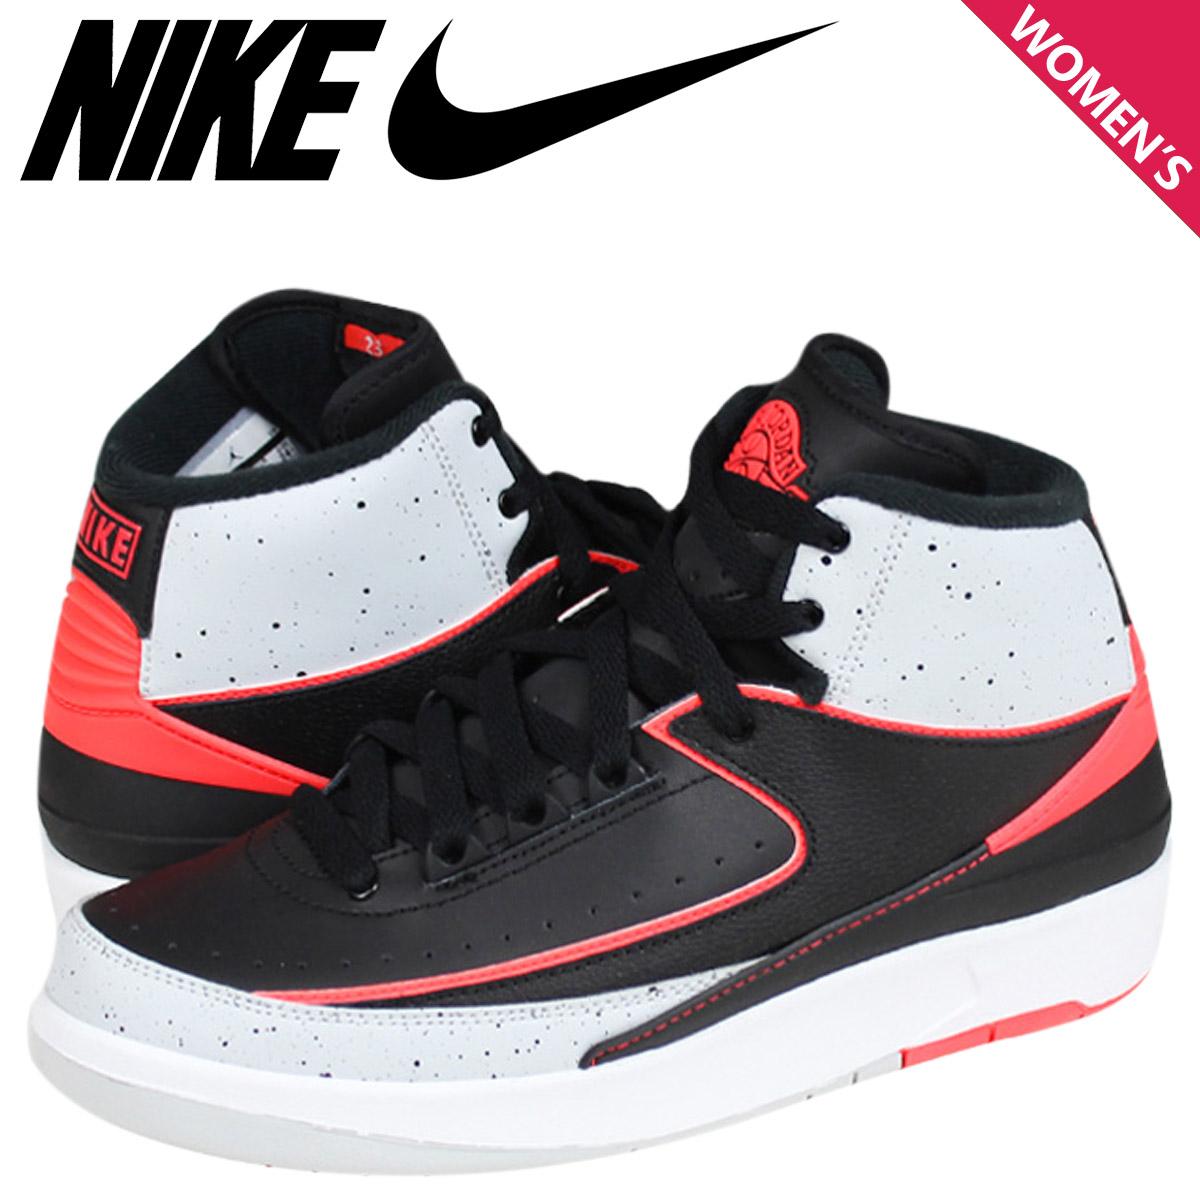 Nike NIKE kids JORDAN 2 RETRO BG sneakers Air Jordan 2 retro Leather Womens  Air Jordan black infra red junior kids GIRLS KIDS 395718-023  5   7 new in  ... ea4a979a4